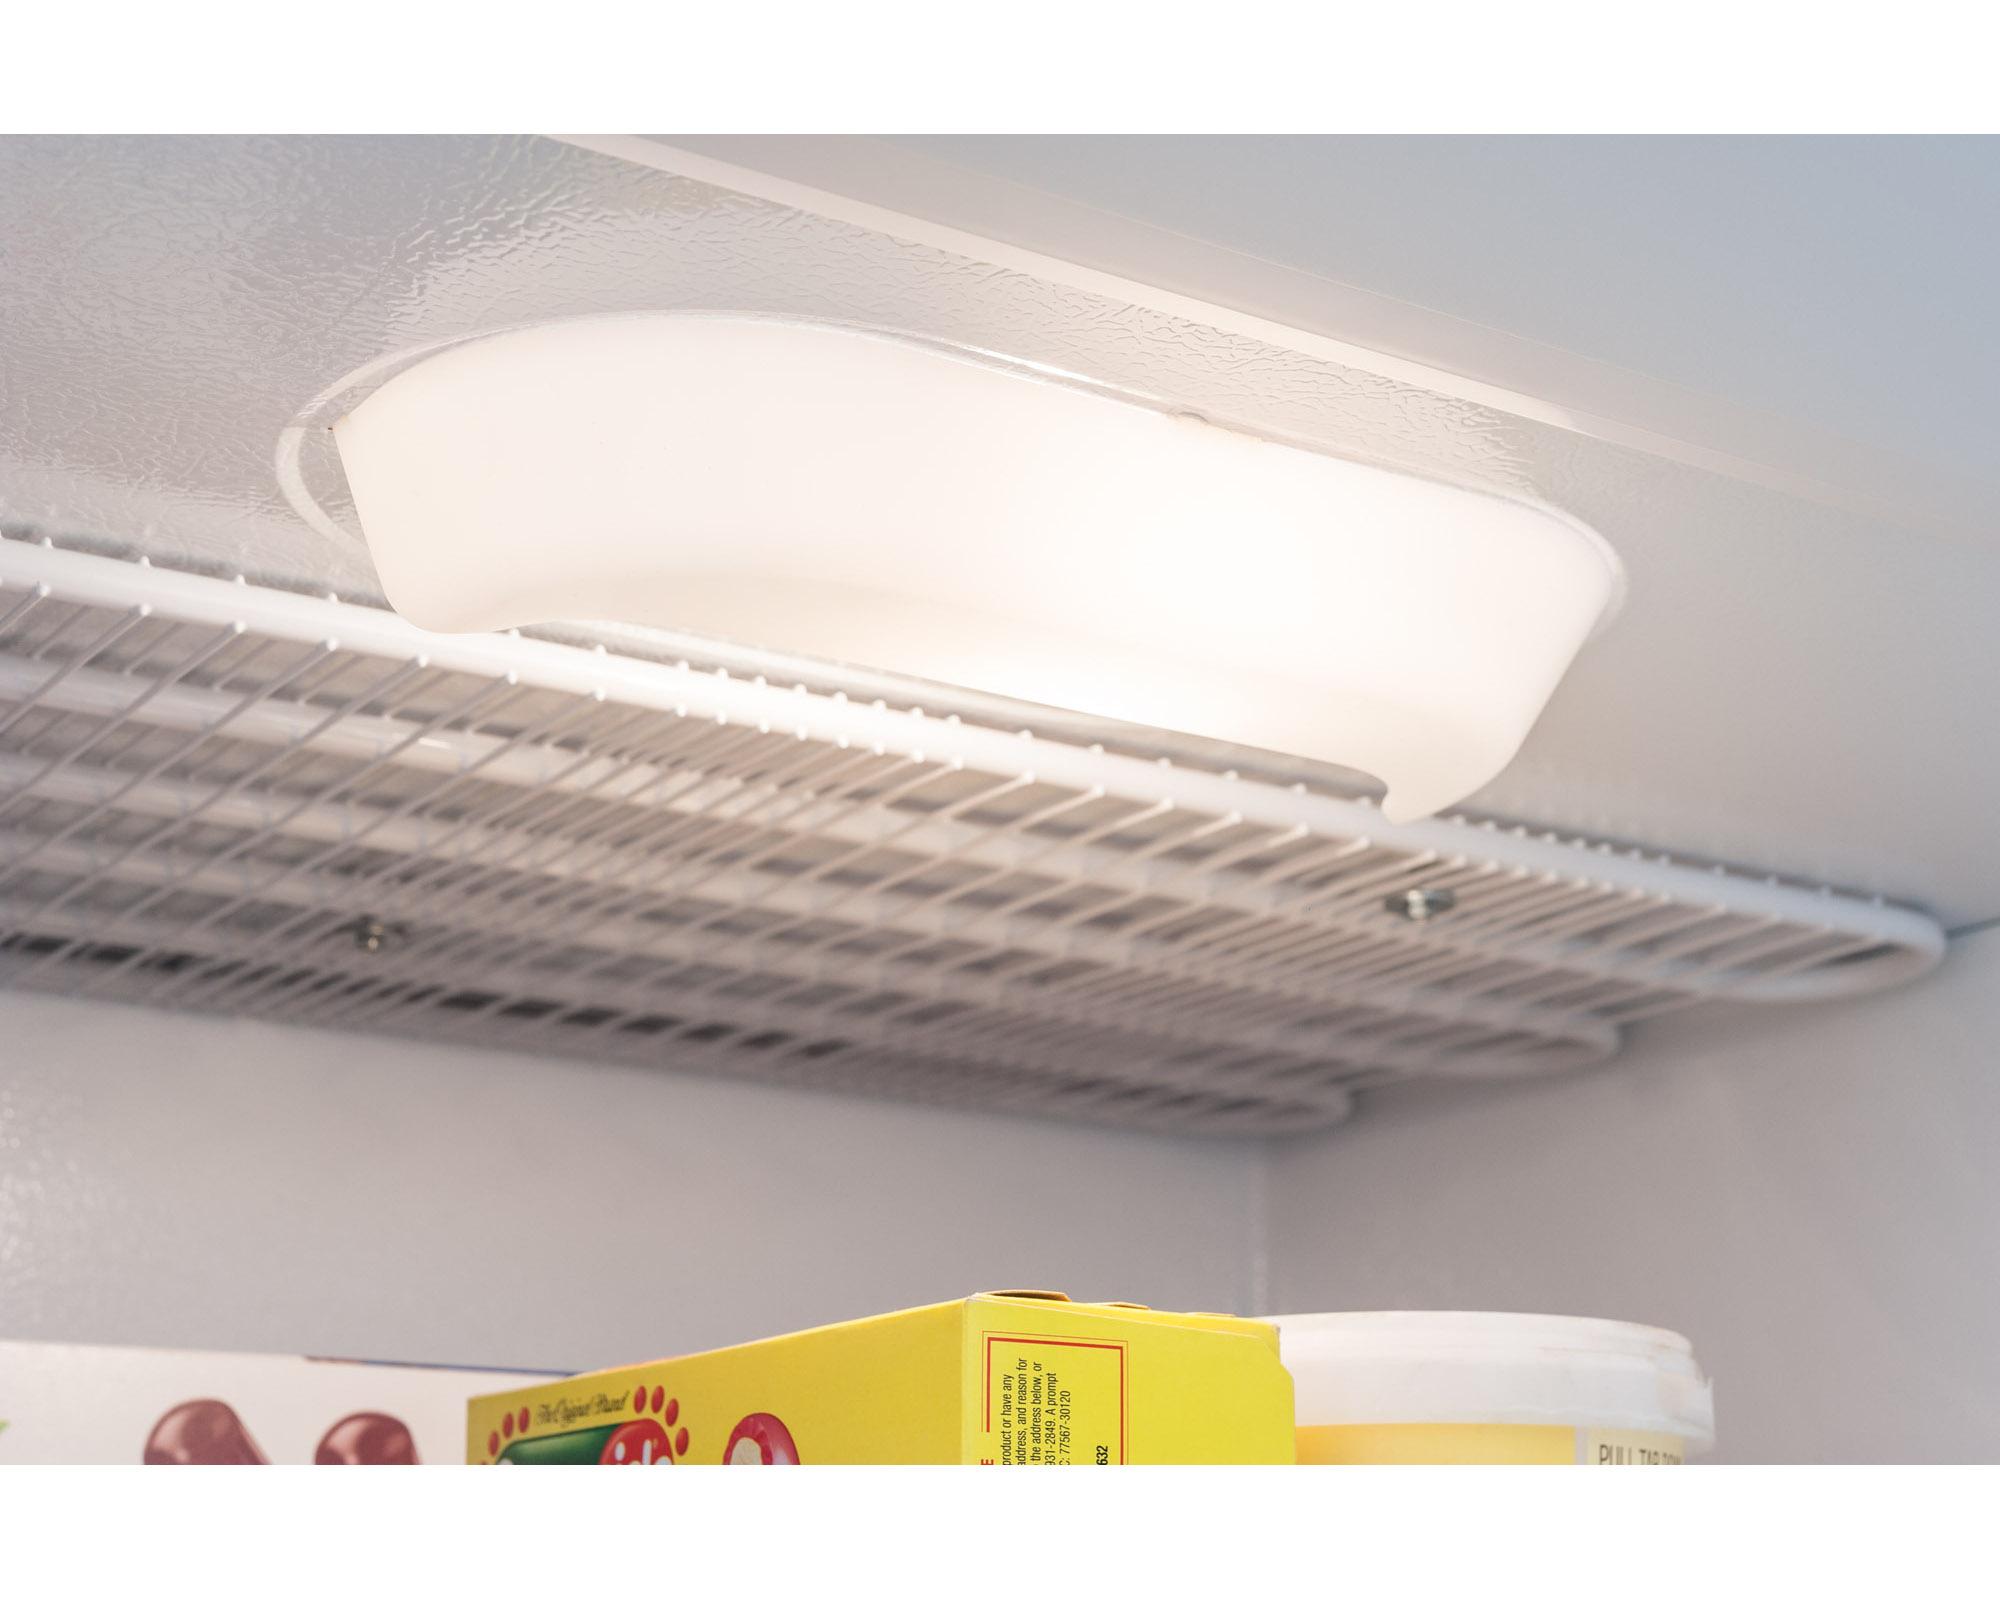 Frigidaire FFFU21M1QW 20.9 cu. ft. Upright Freezer - White